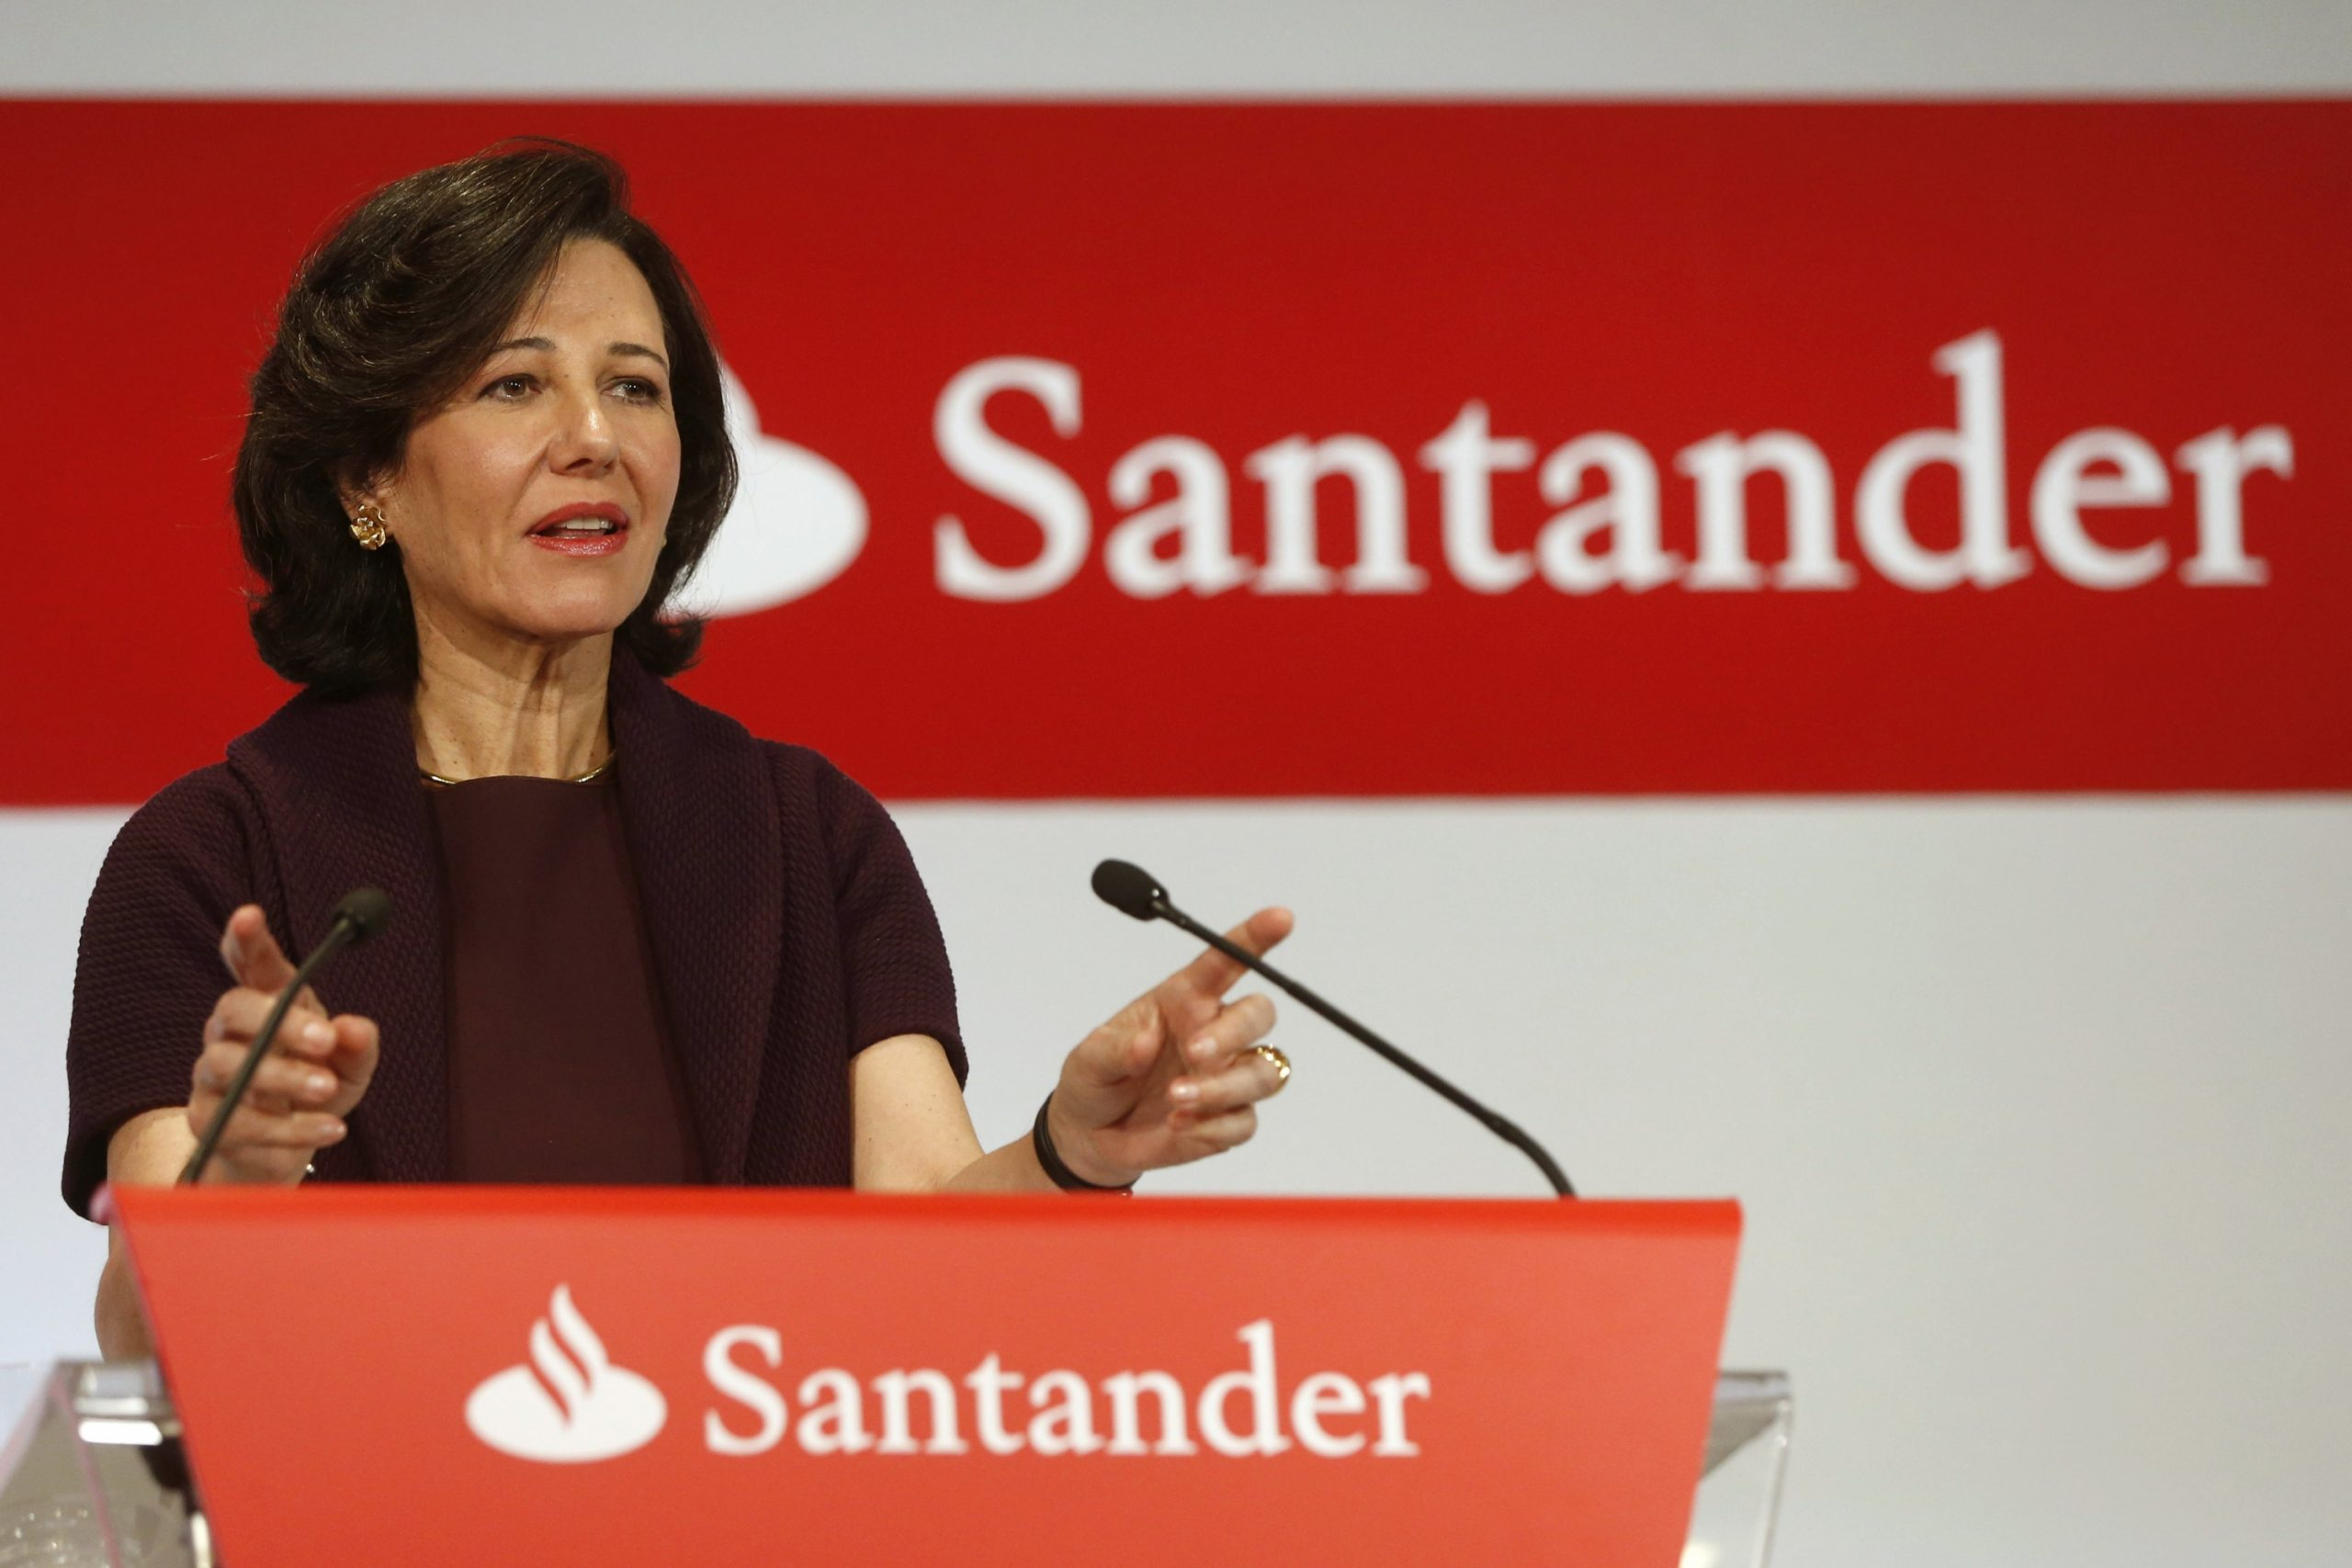 Santander despedirá 1,270 empleados por la banca en línea